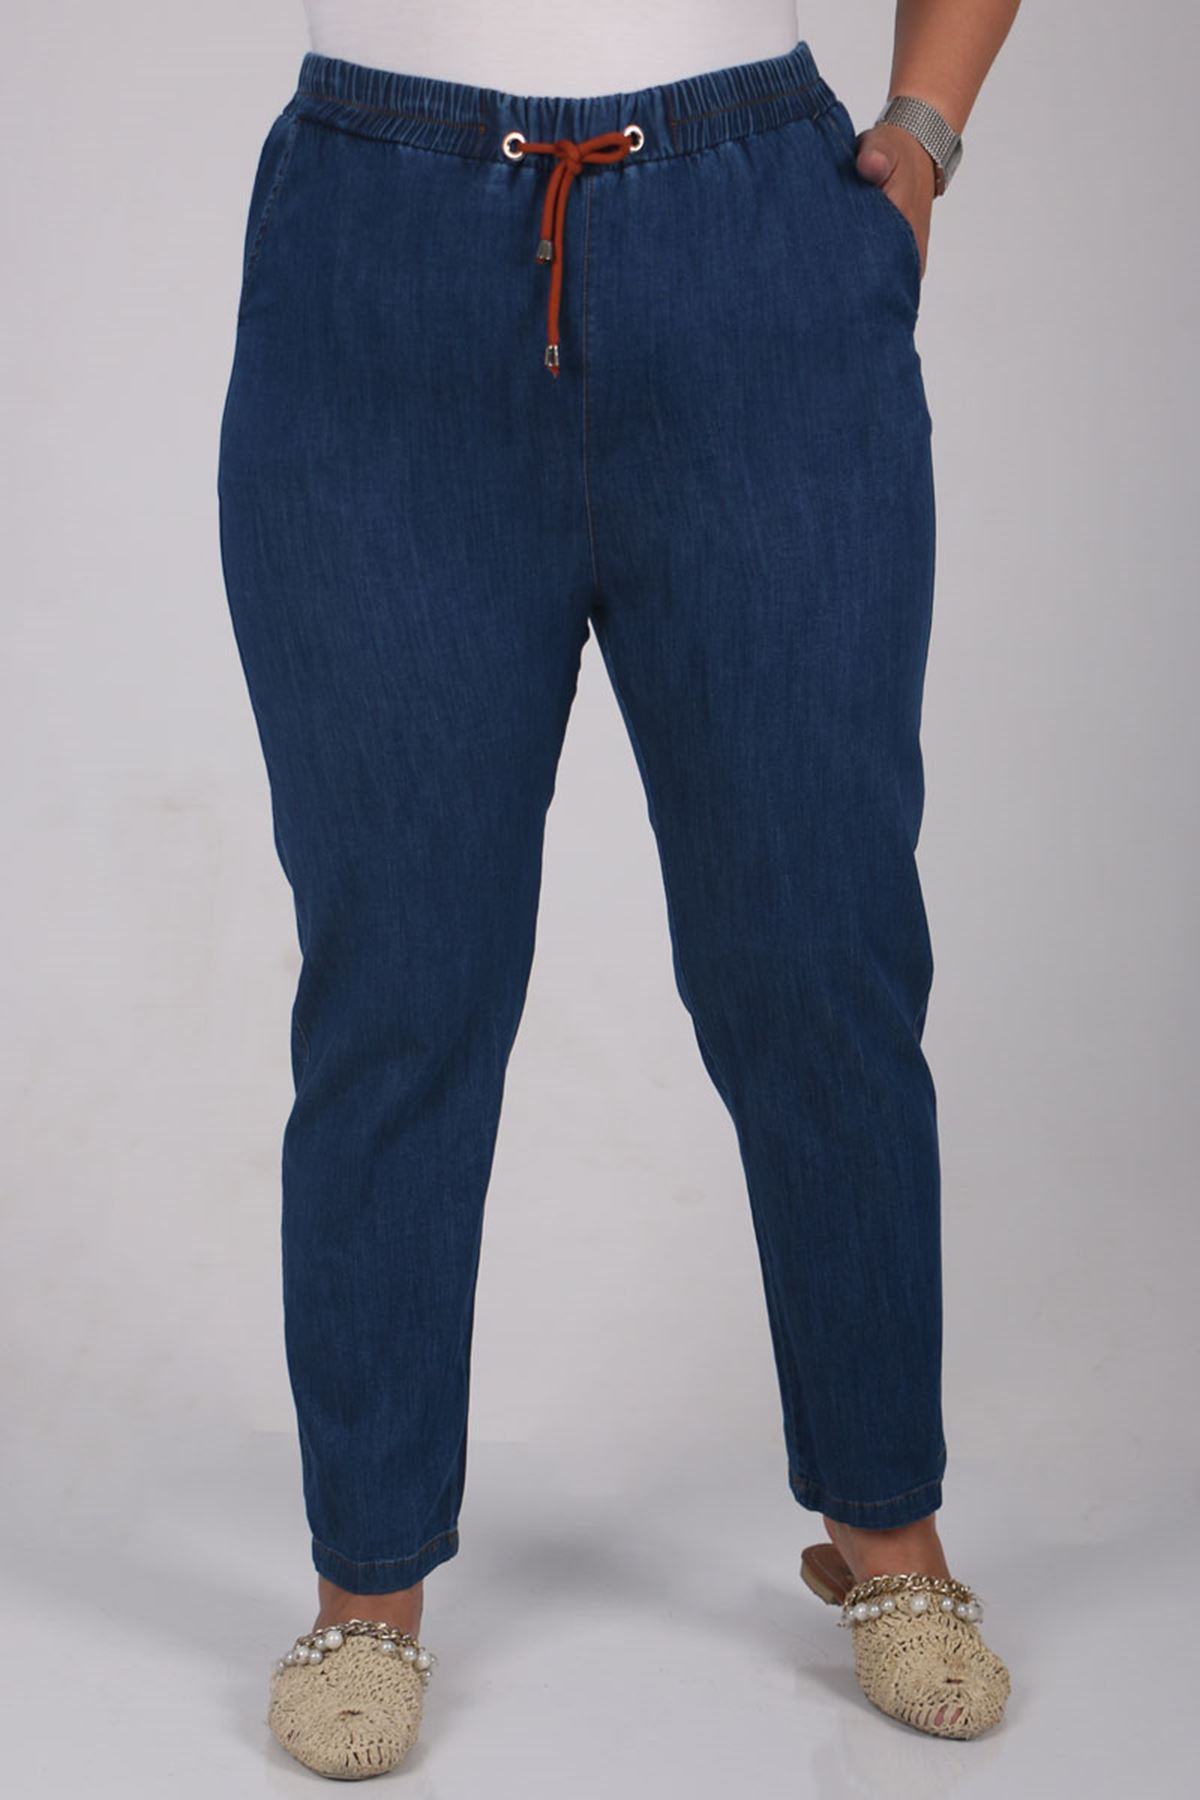 9158 بنطلون جينز مقاس كبير  بخصر مرن و ضيق ساق- أزرق - قرميدي